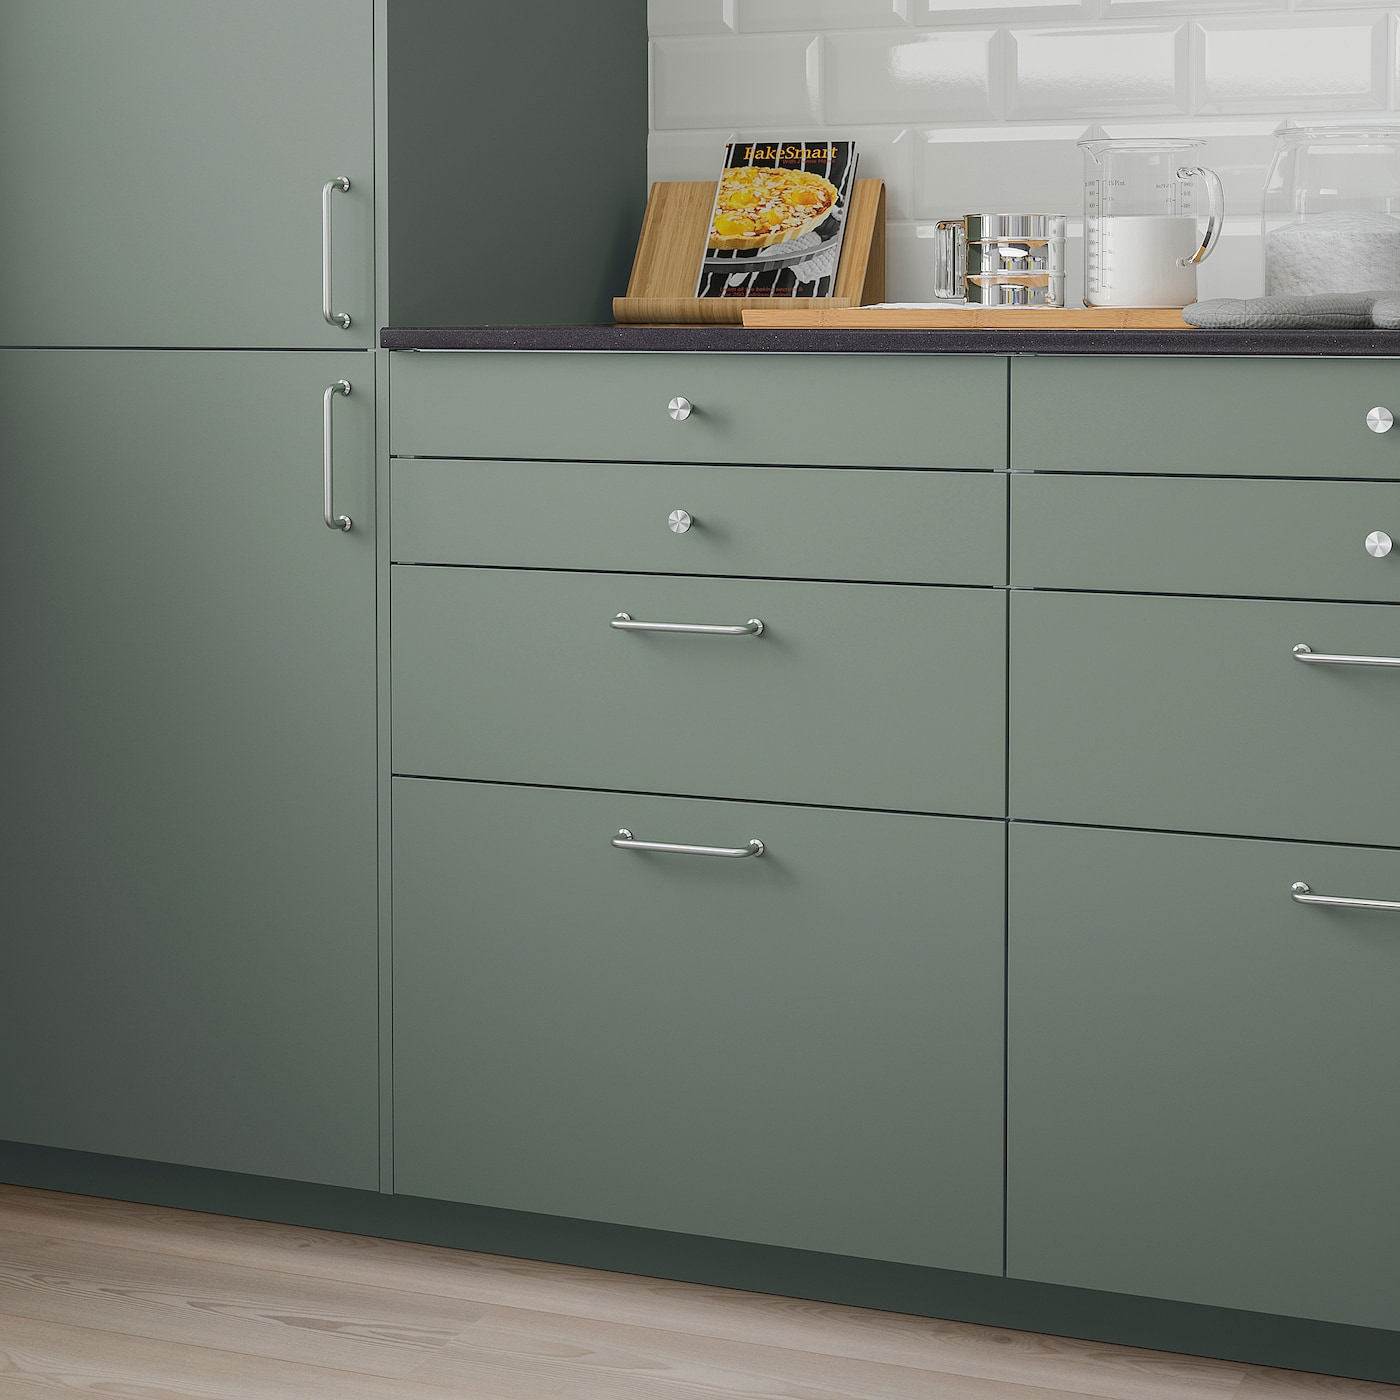 BODARP Schubladenfront - graugrün 19x19 cm